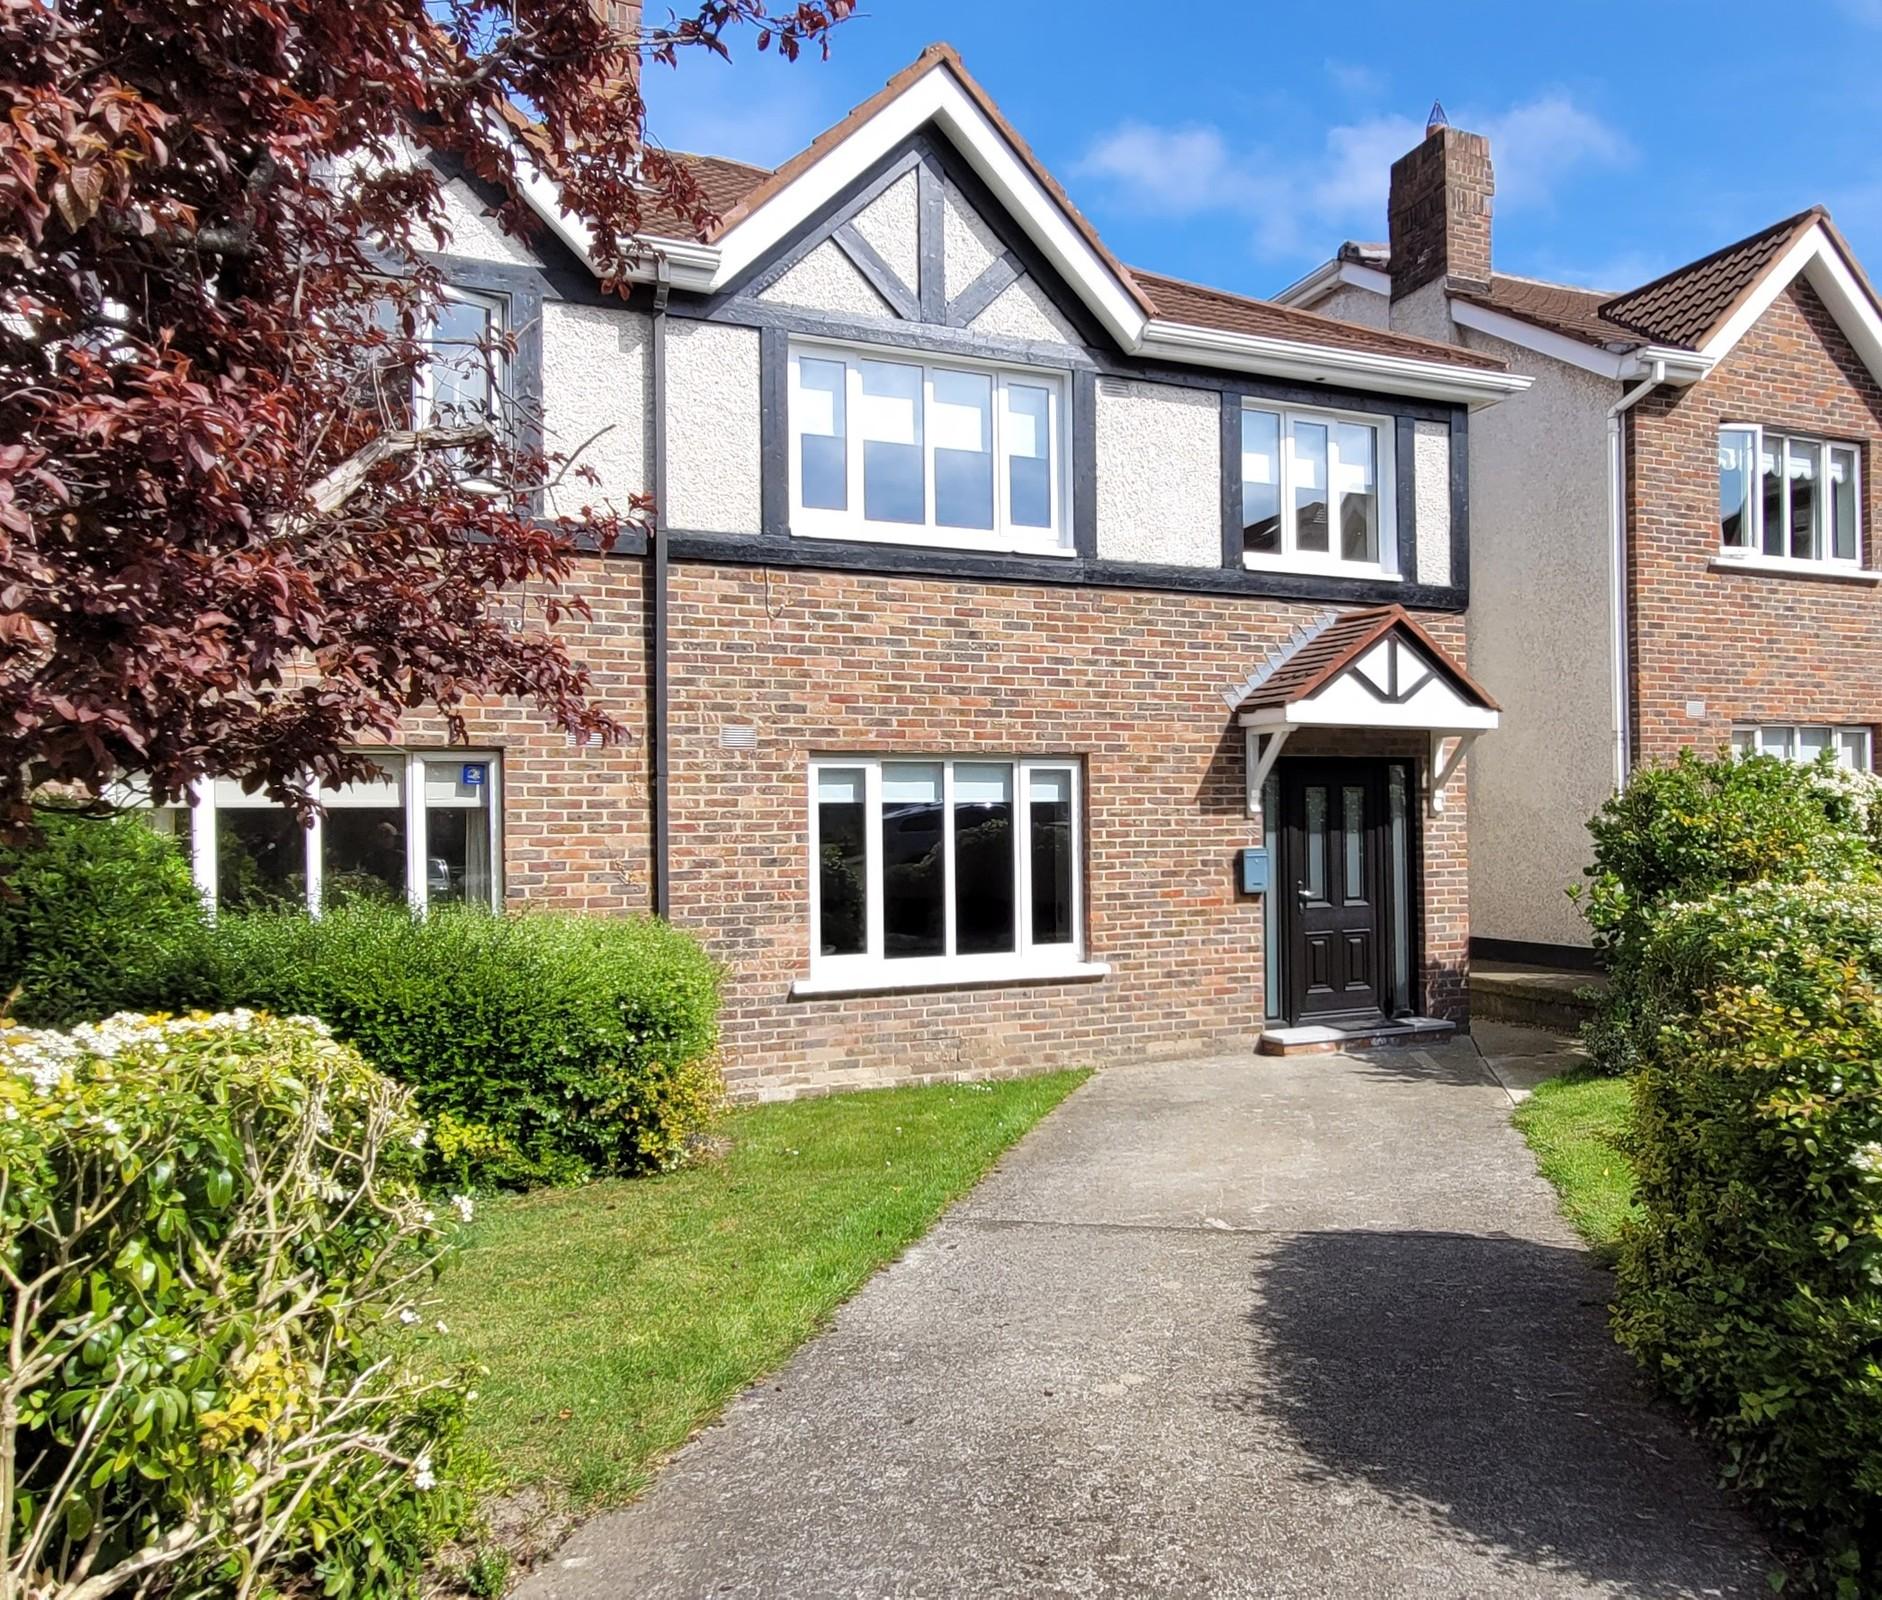 85 Fosterbrook, Stillorgan Road, Booterstown, Co. Dublin